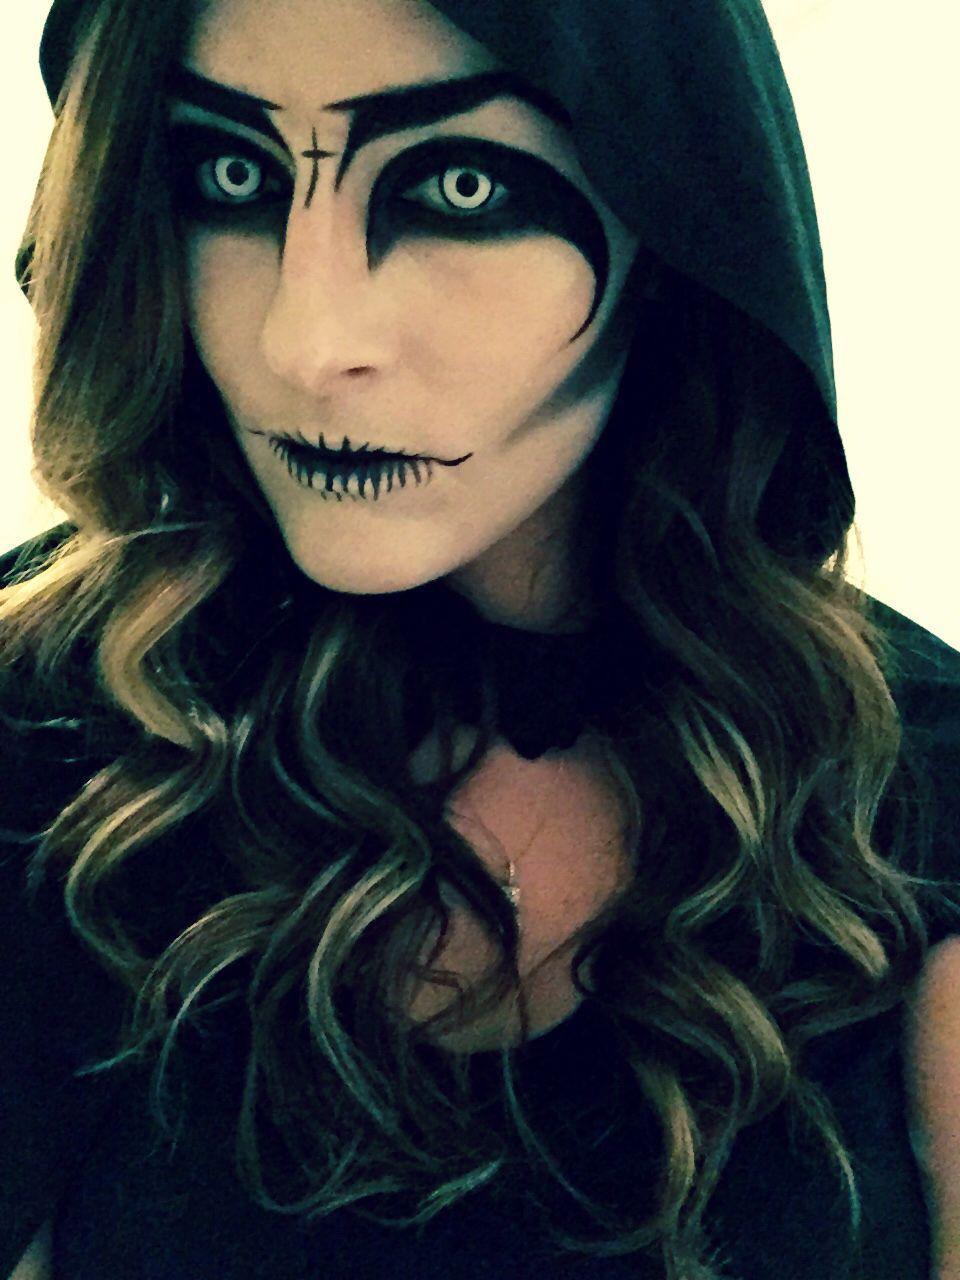 Grim Reaper Makeup Halloweenmakeup Halloween Grimreaper Demon Scarymakeup Spooky Ar Halloween Costumes Makeup Grim Reaper Makeup Halloween Makeup Witch